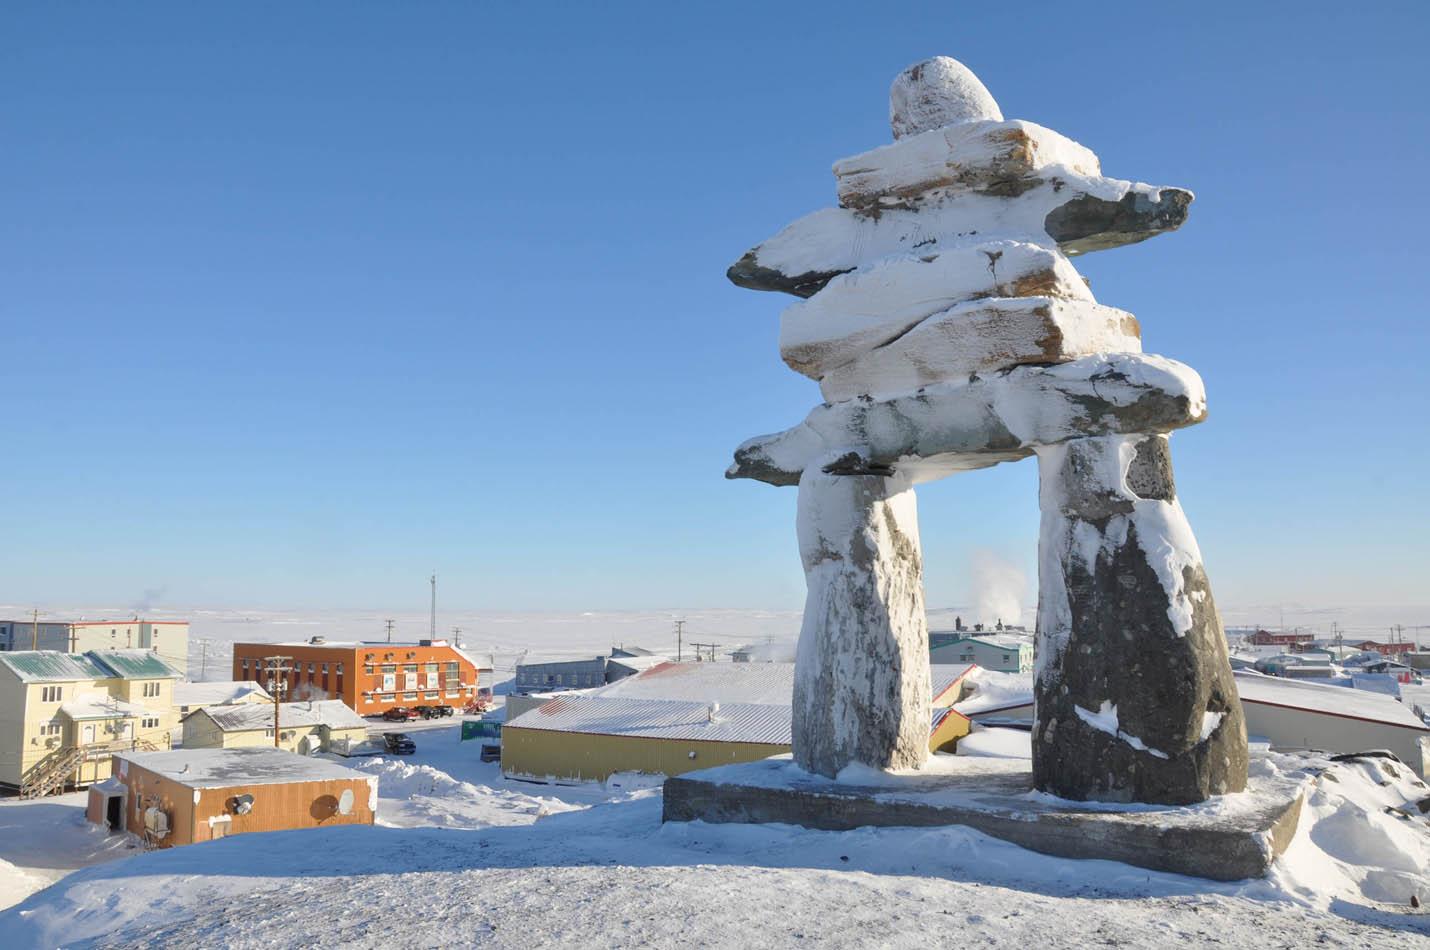 Nunavut RCMP arrest Rankin Inlet man after reckless ATV ride around town - Nunatsiaq News